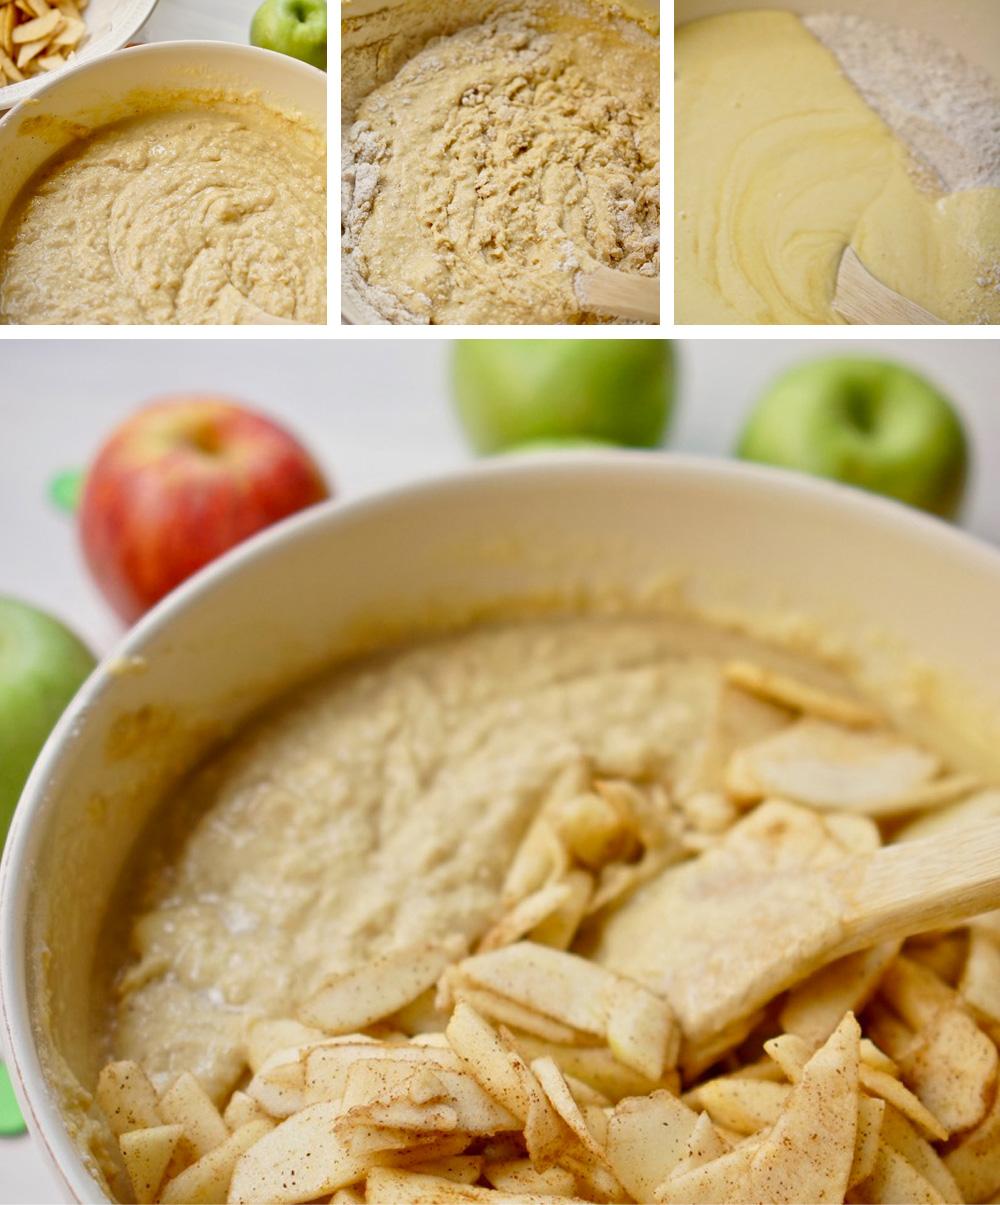 שלבי הכנה. עוגת תפוחים בחושה בכל טוב, גבישס, בלוג האוכל של מירב גביש